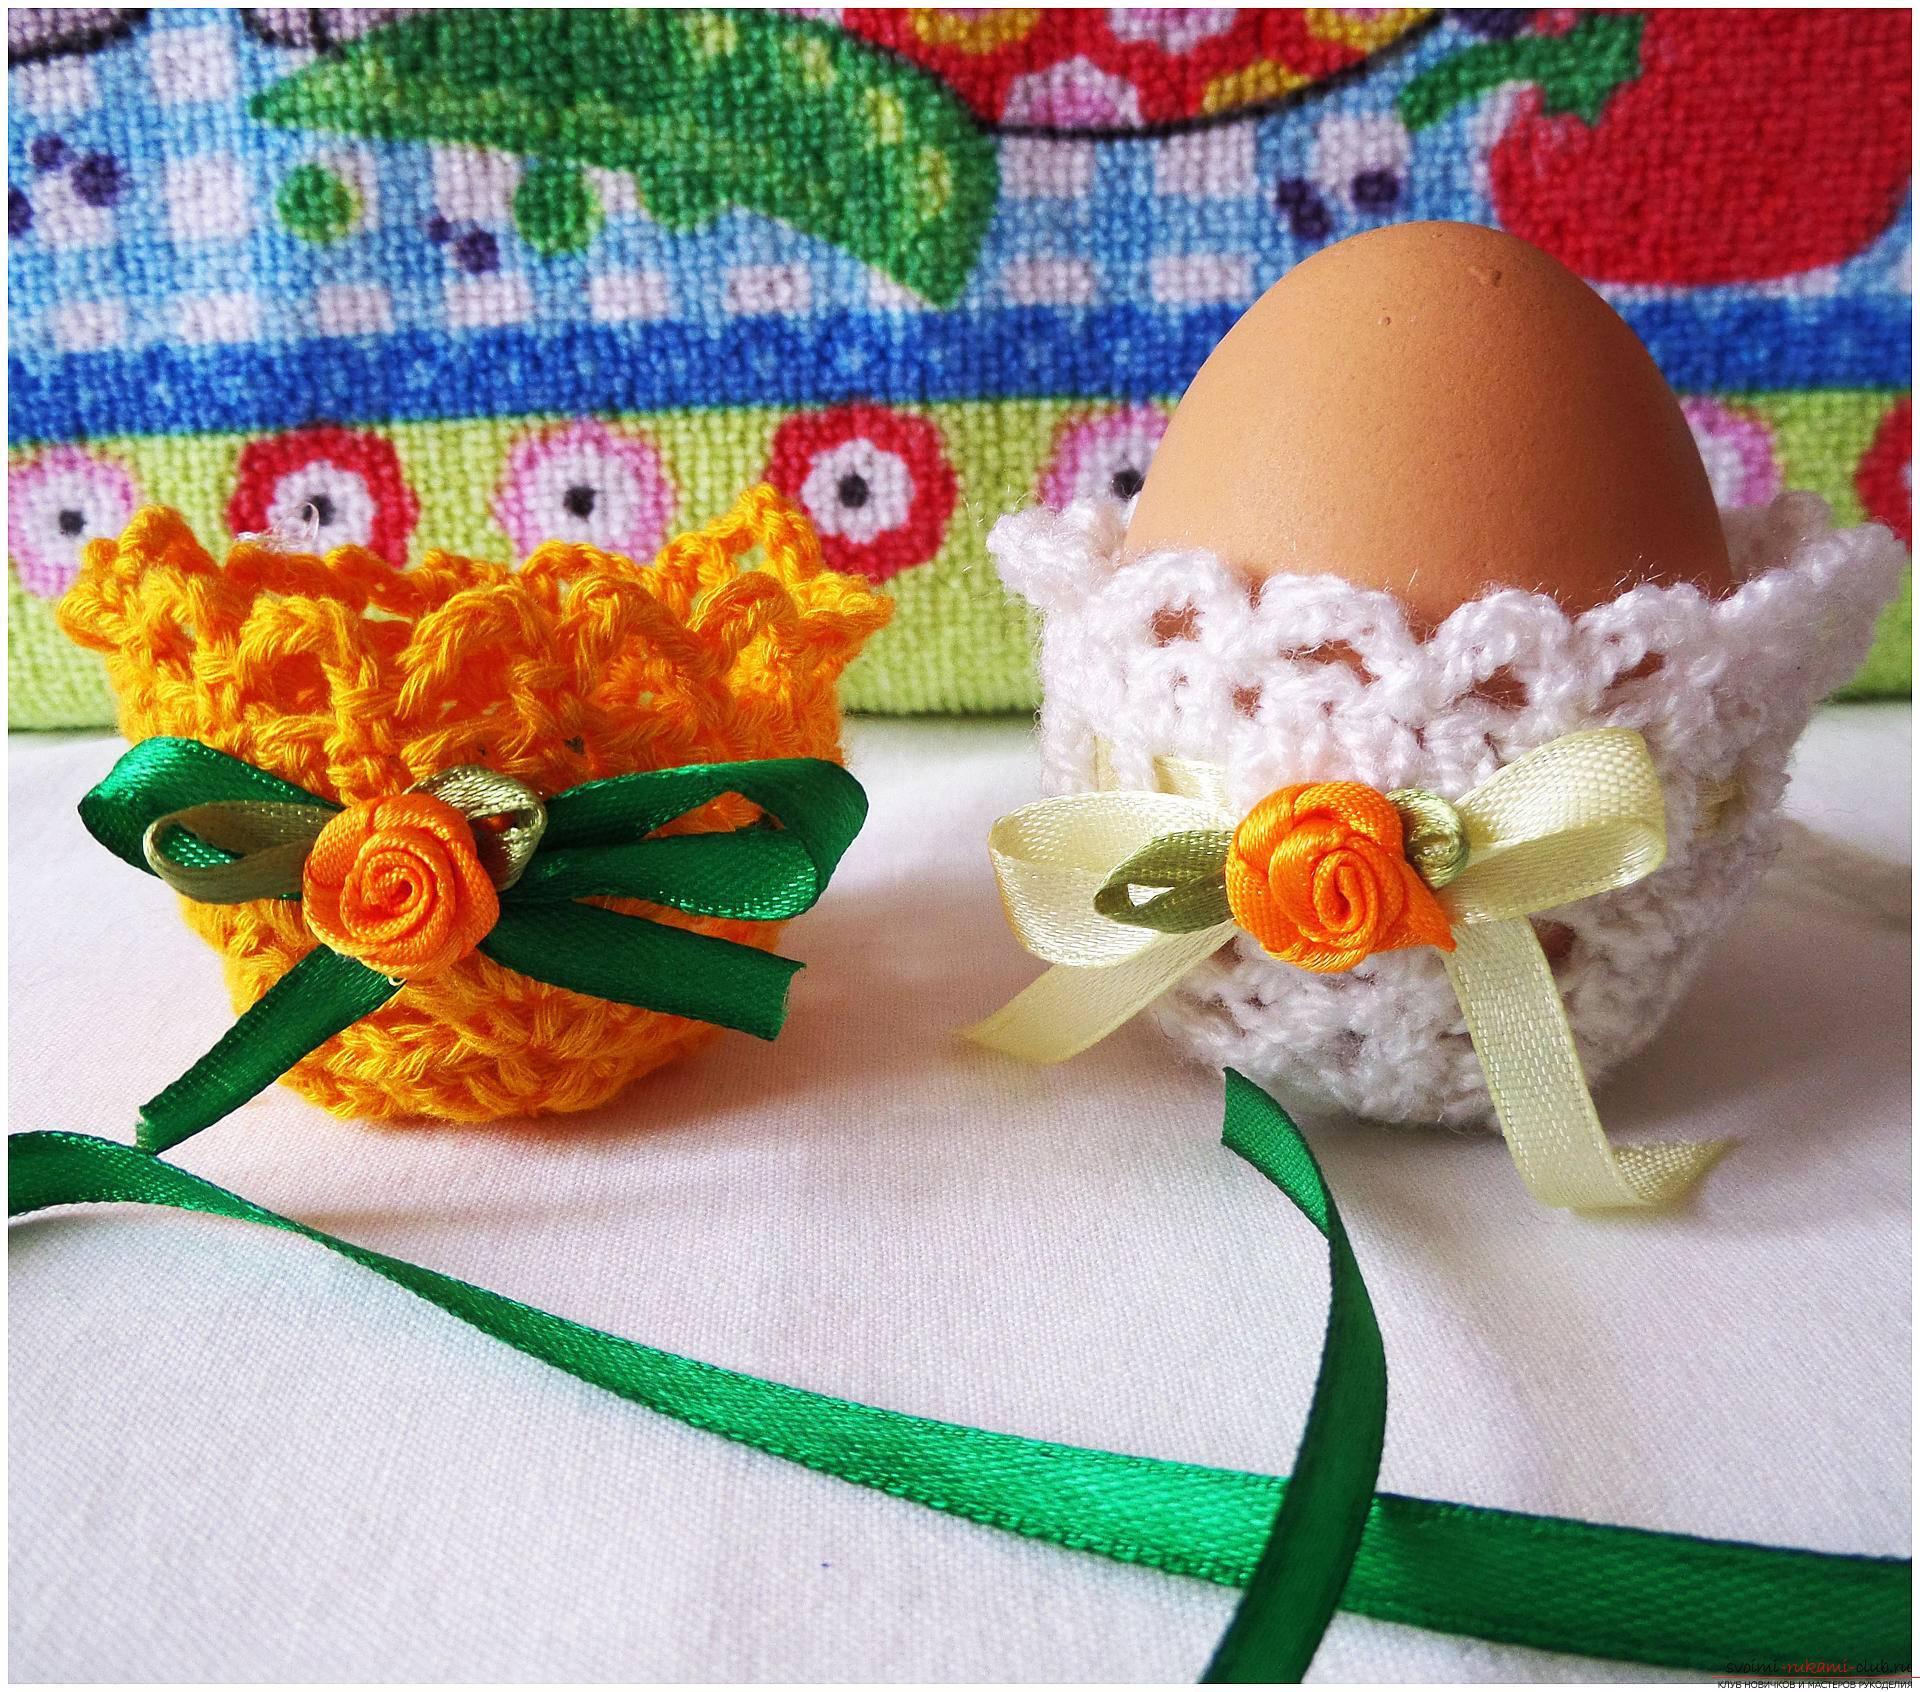 Подарок с душой: как изготовить пасхальные сувениры своими руками?